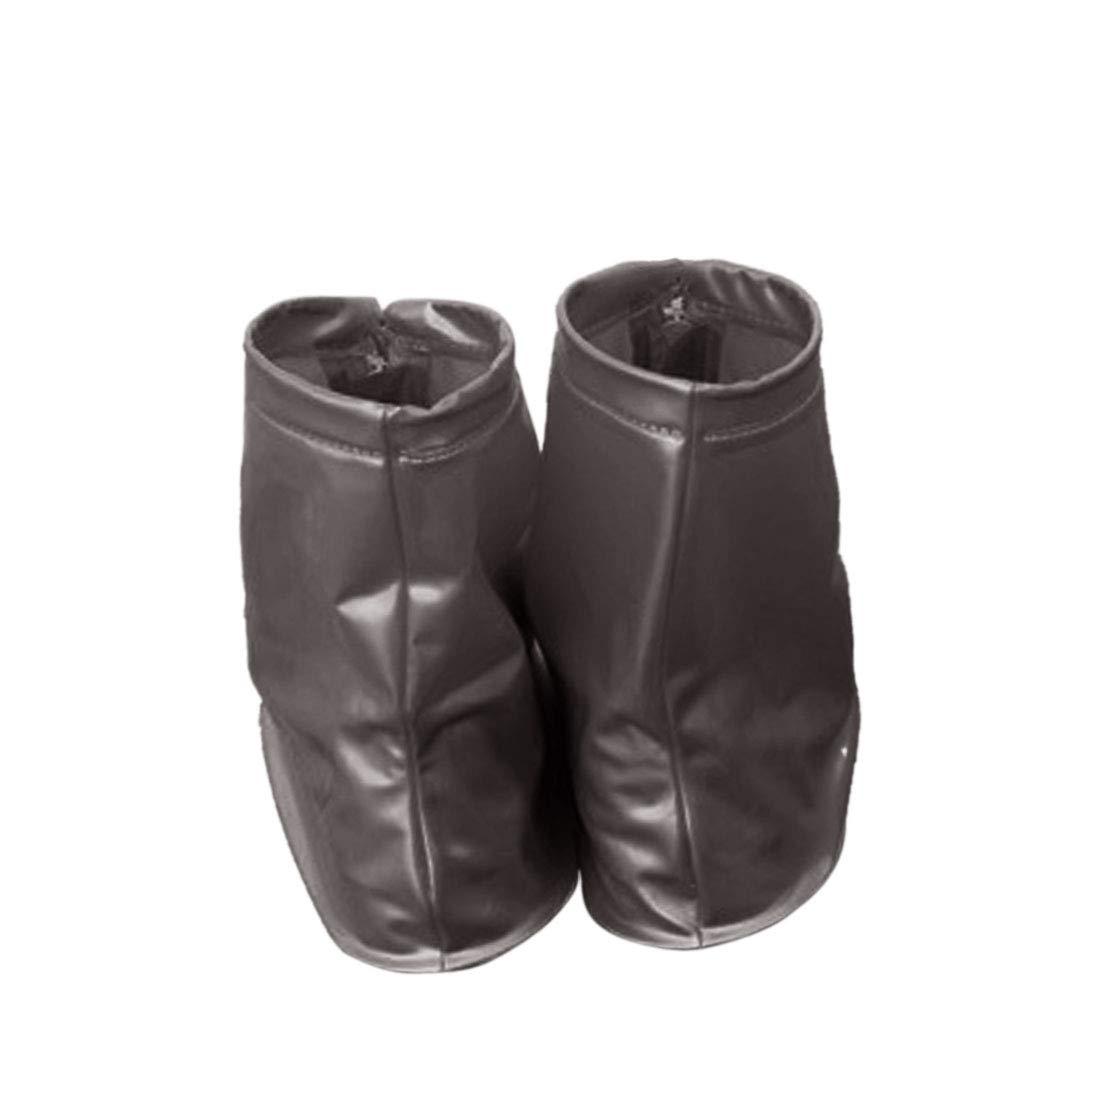 Sourcingmap/® 1 Pair Unisex PVC Zipper Closure Nonslip Reusable Waterproof Rain Shoes Cover Guard Overshoes Protection